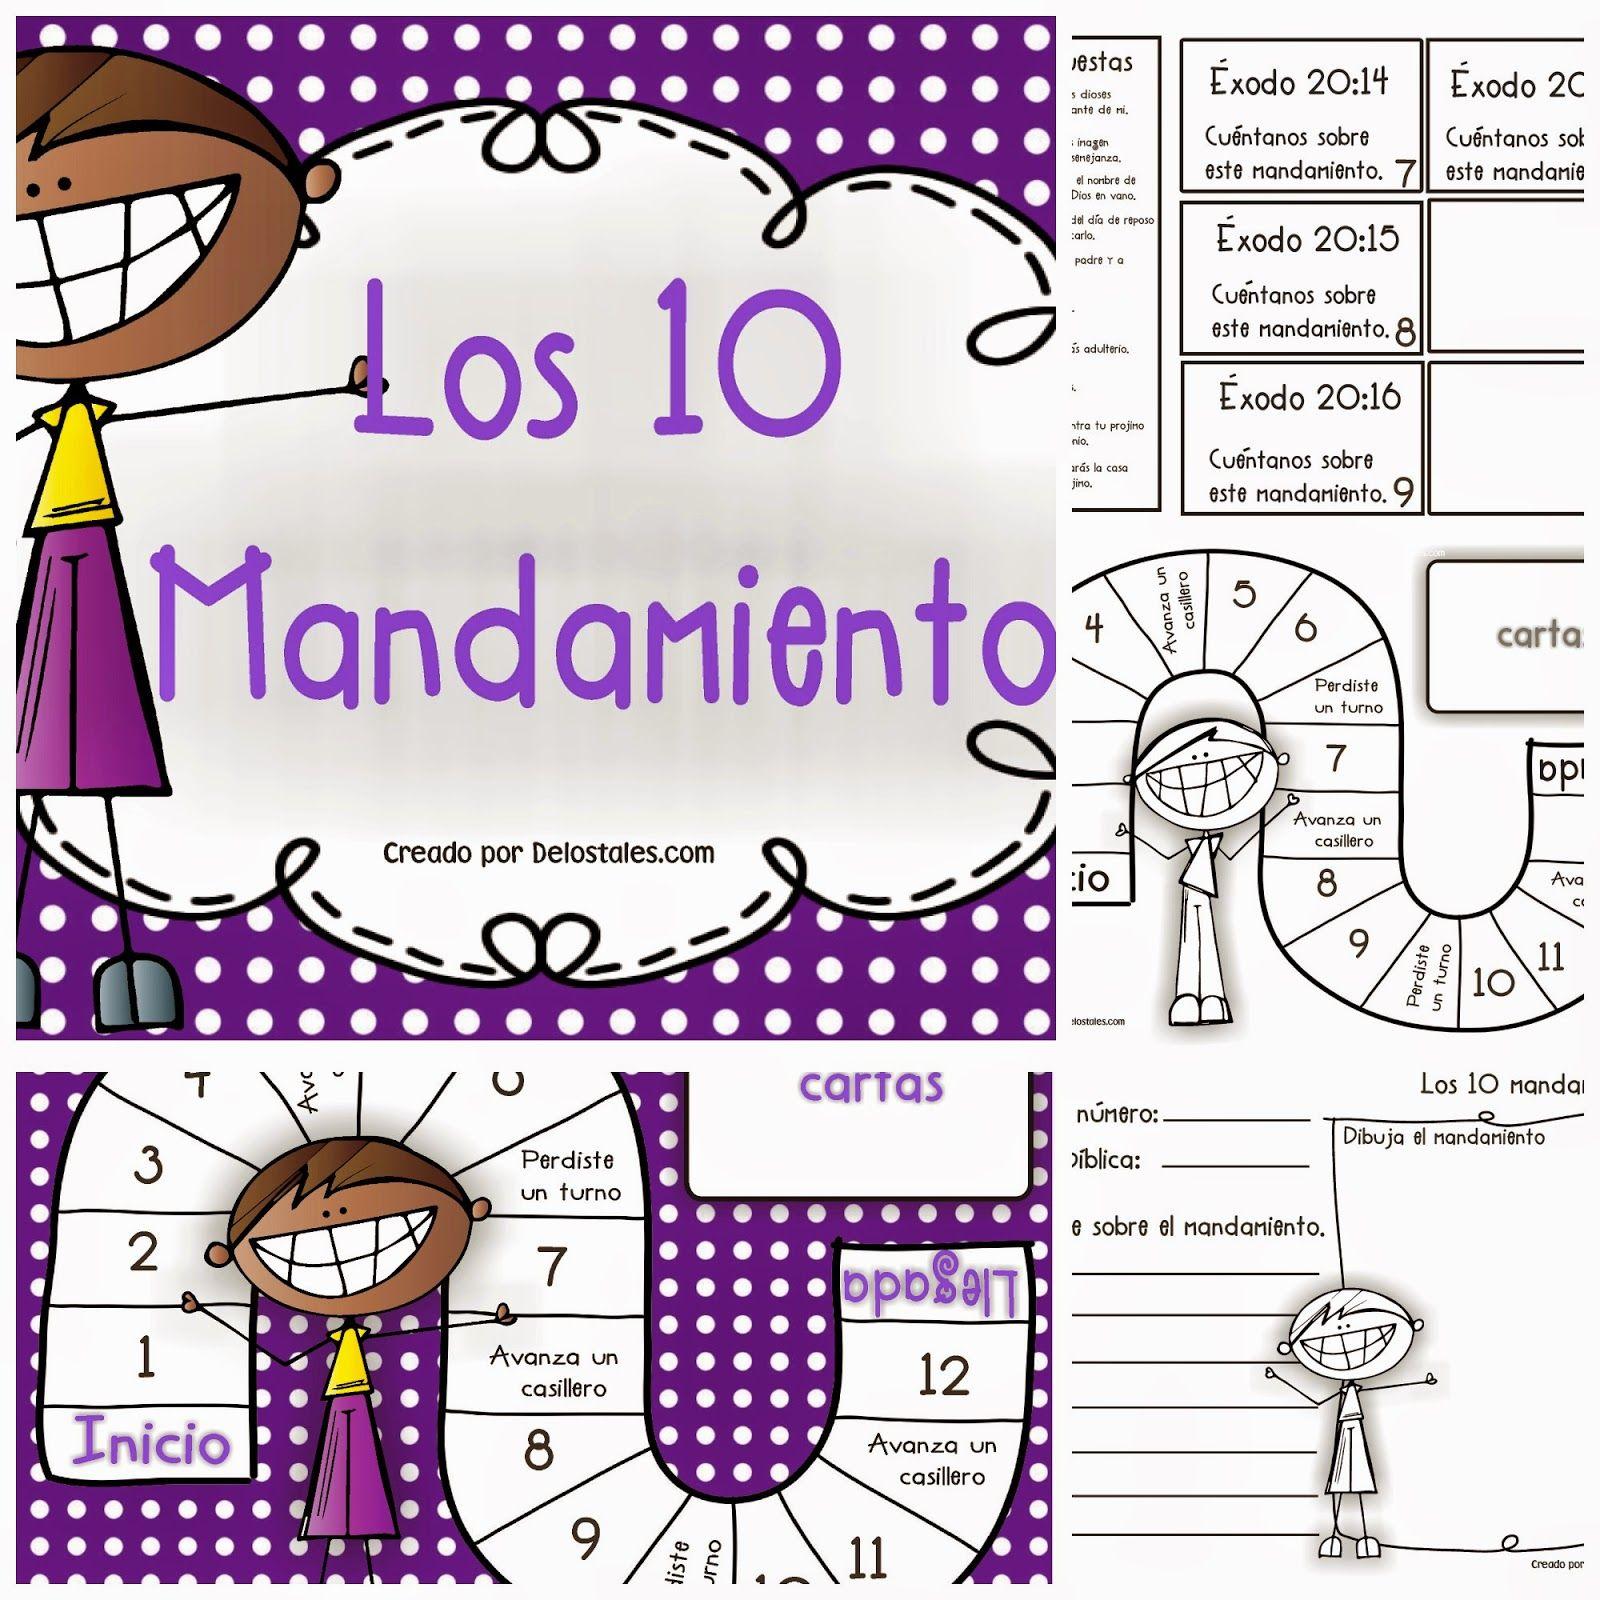 Los 10 mandamientos | escuela dominical | Pinterest | Escuela ...